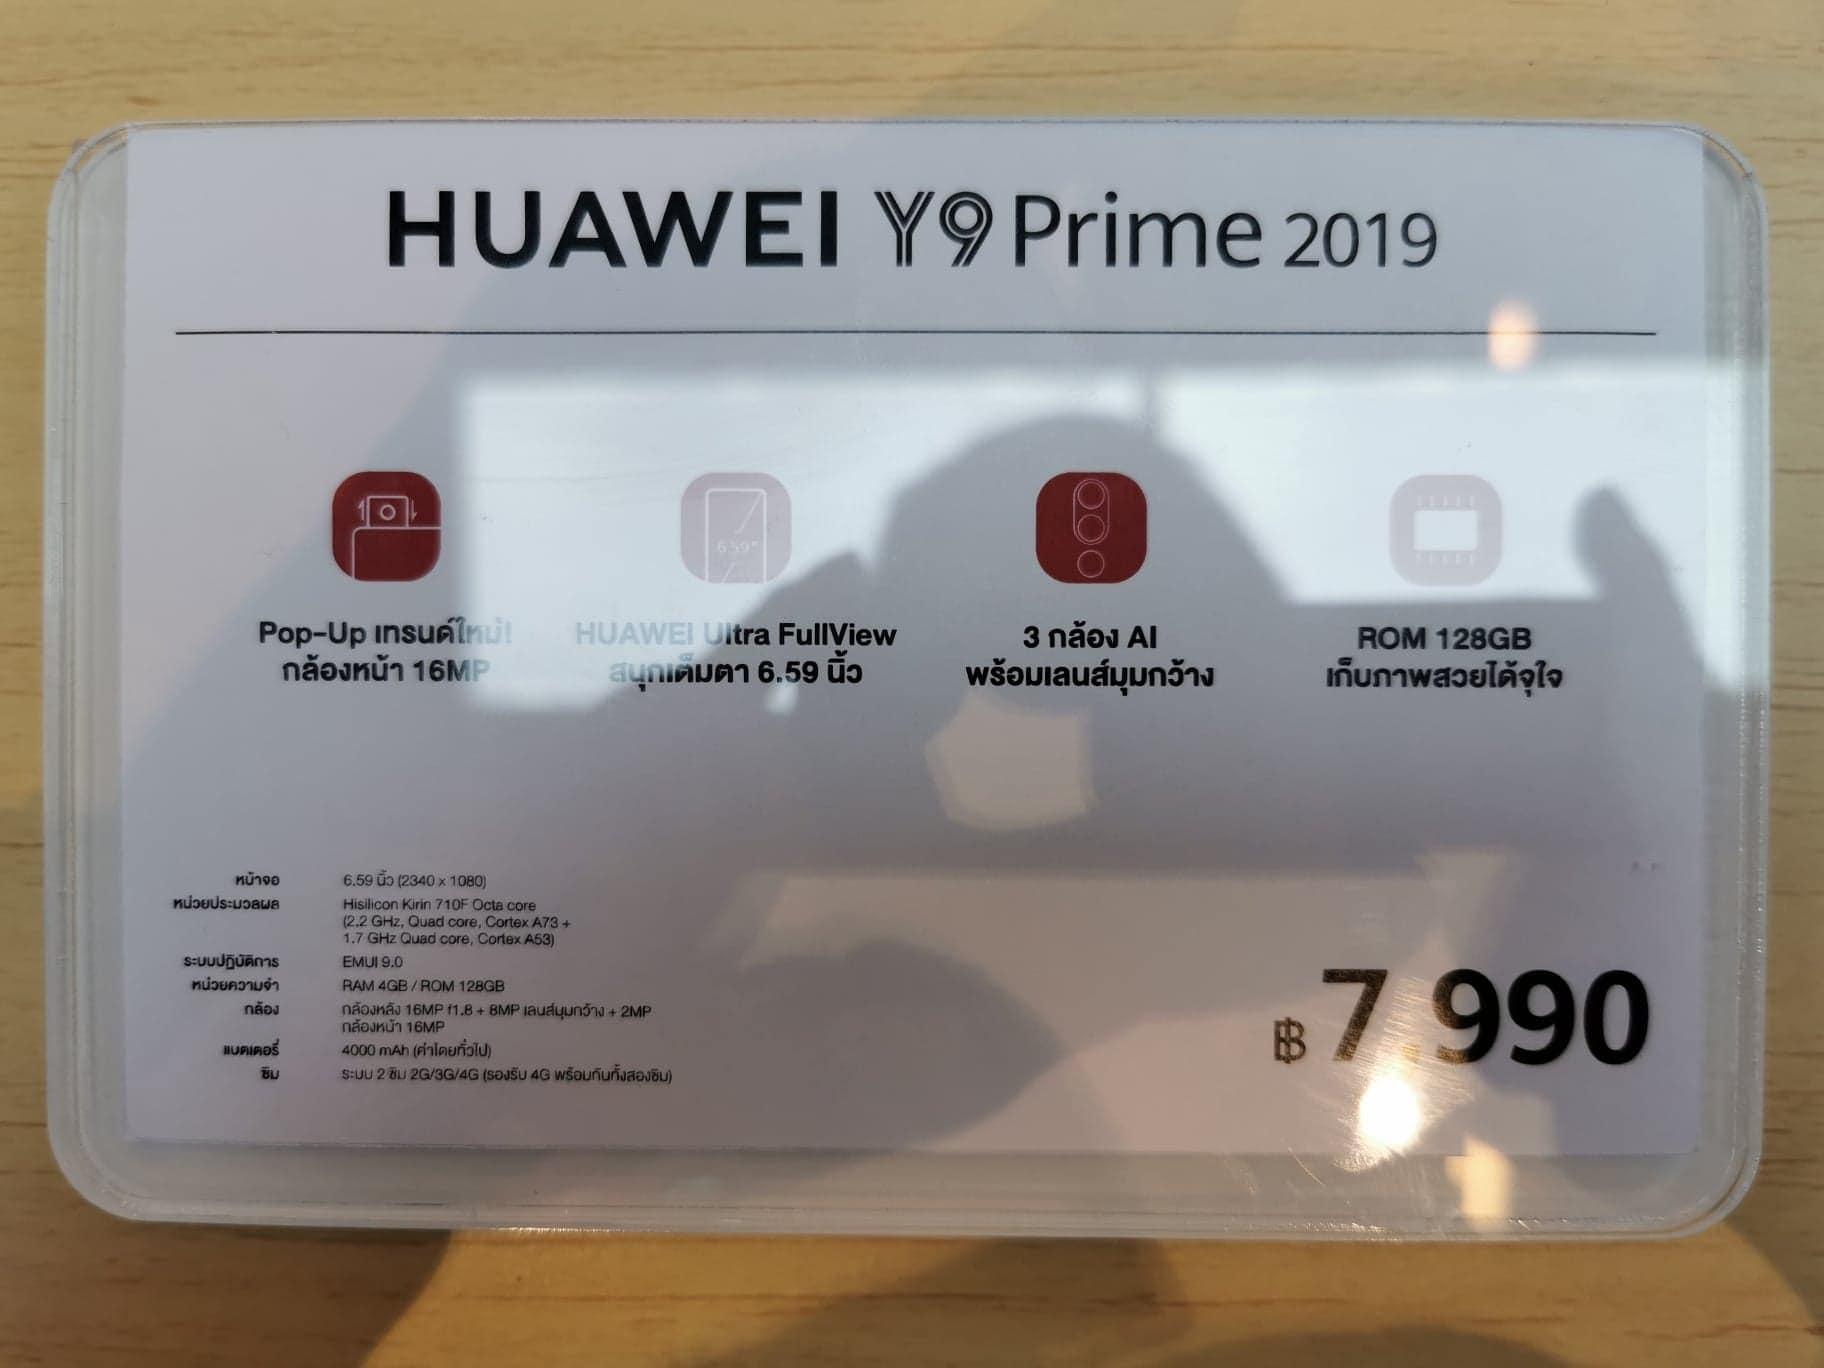 พาไปดูโปรโมชั่นสัปดาห์ที่ 2 กับแคมเปญ HUAWEI Grand Sale 2019 รับสิทธิ์ 3 ต่อ มือถือและแท็บเล็ตรุ่นดัง - พาไปดูโปรโมชั่นสัปดาห์ที่ 2 กับแคมเปญ HUAWEI Grand Sale 2019 รับสิทธิ์ 3 ต่อ มือถือและแท็บเล็ตรุ่นดัง